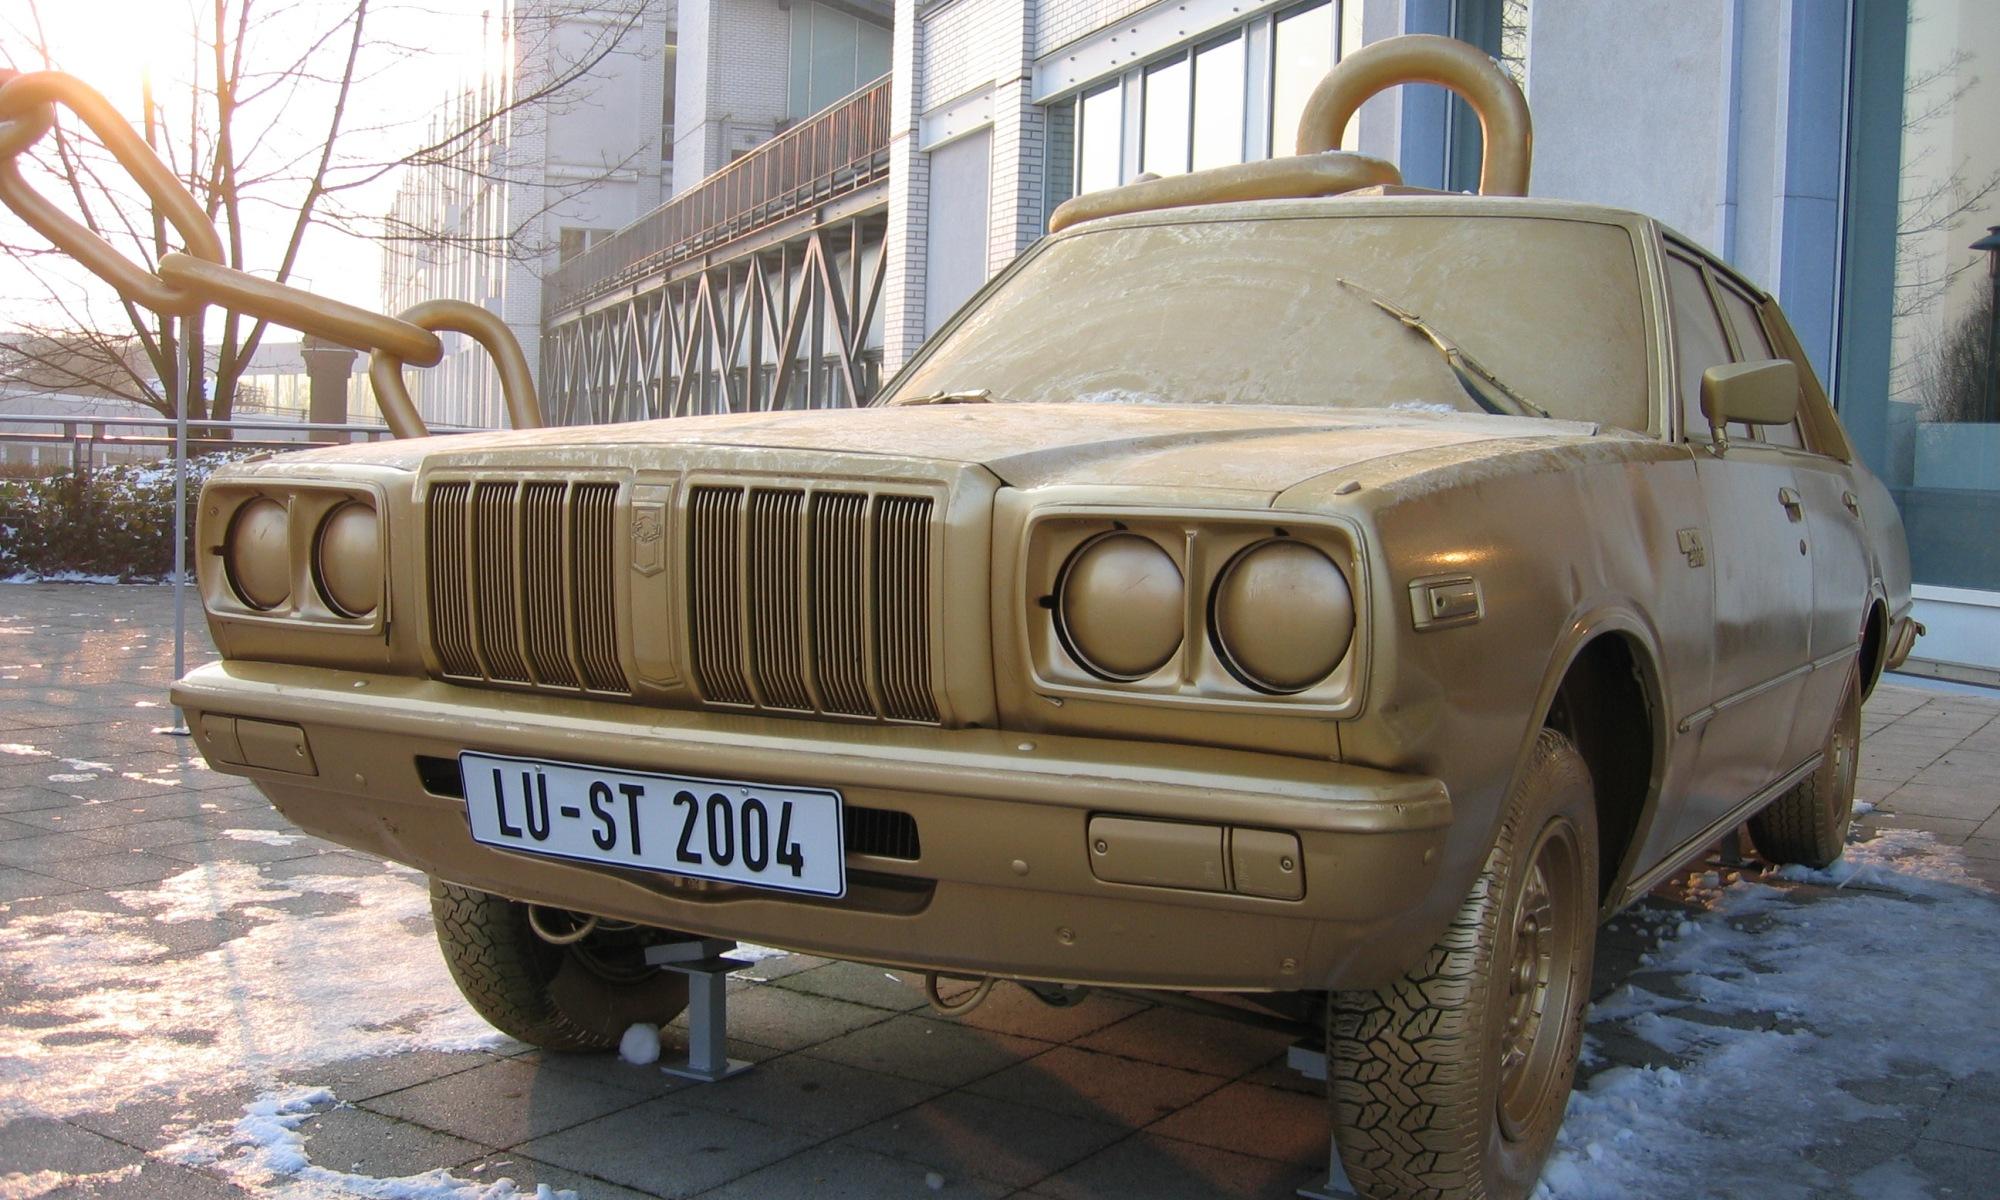 Lust am Auto, Ausstellung Landesmuseum für Technik und Arbeit, Mannheim 2005. Photo: Fabian Kröger